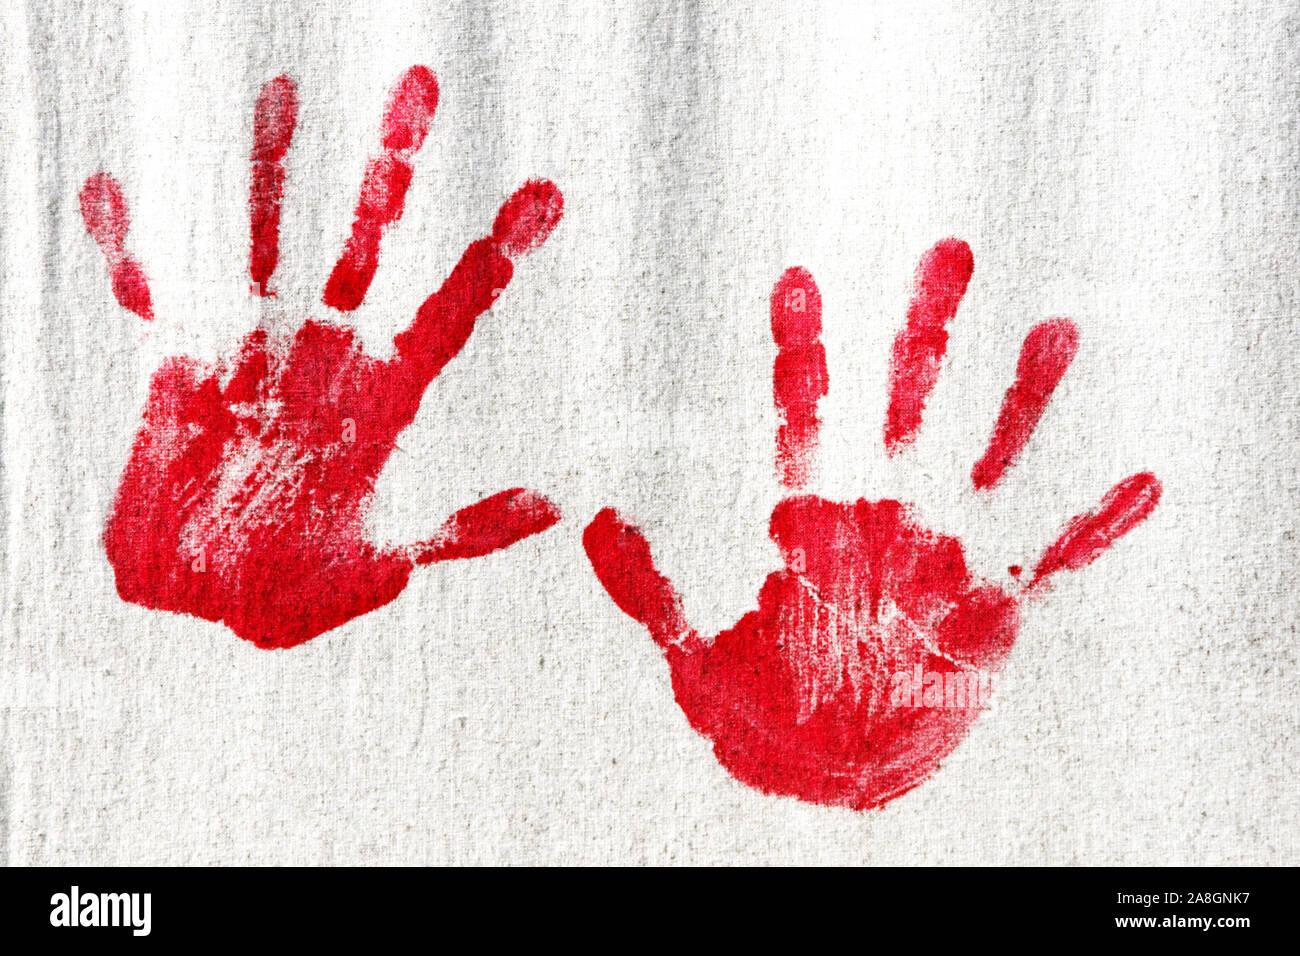 Abdruck von roten Kinderhänden un einer Wand Foto Stock